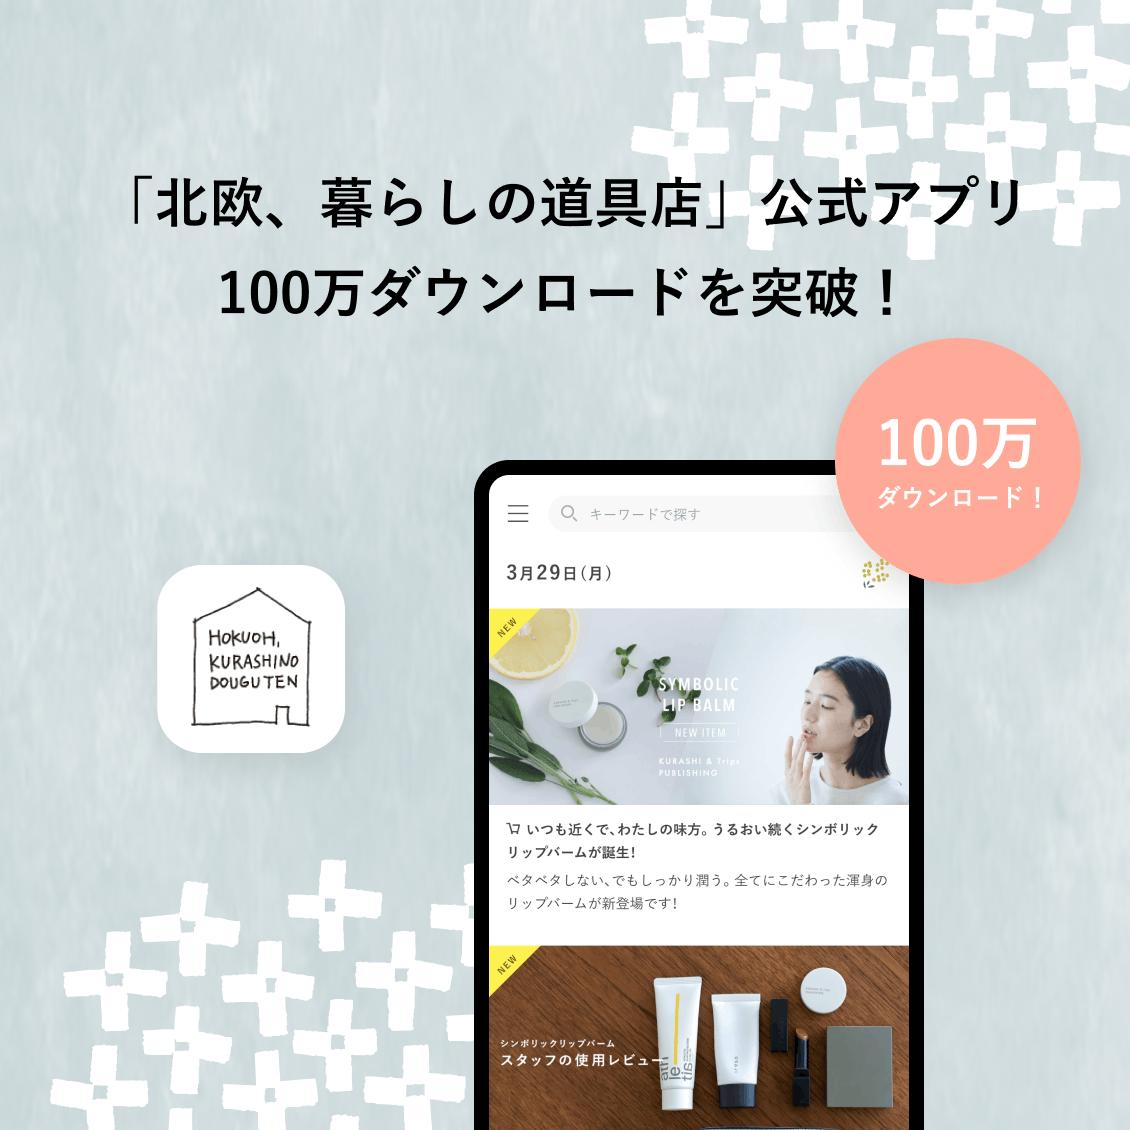 【御礼】公式スマホアプリが100万ダウンロードを突破しました。